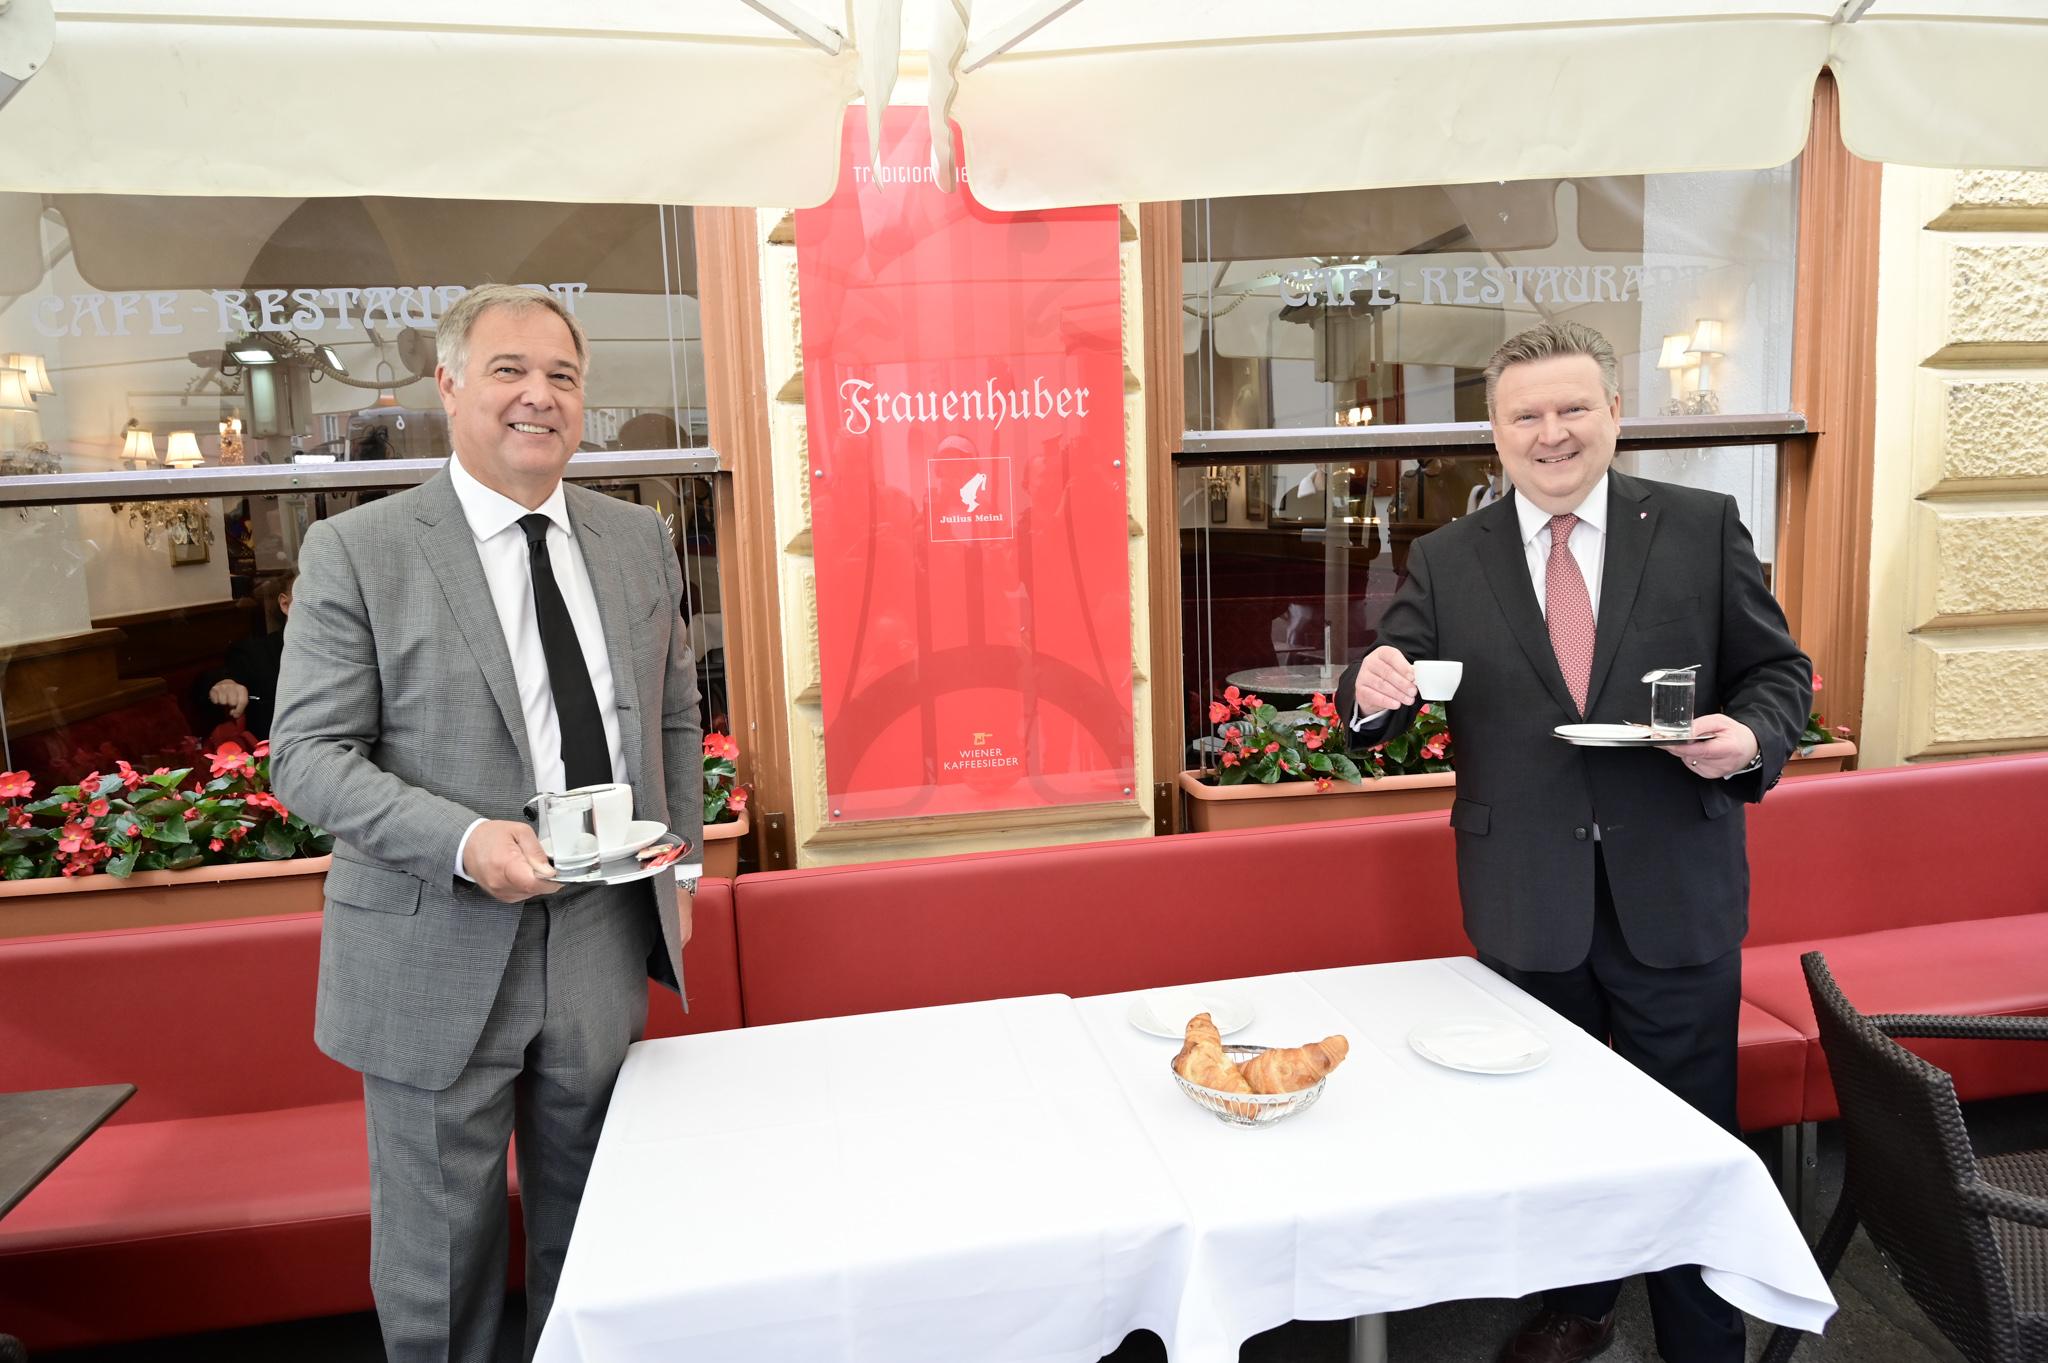 Kaffehaus Wiedereröffnung